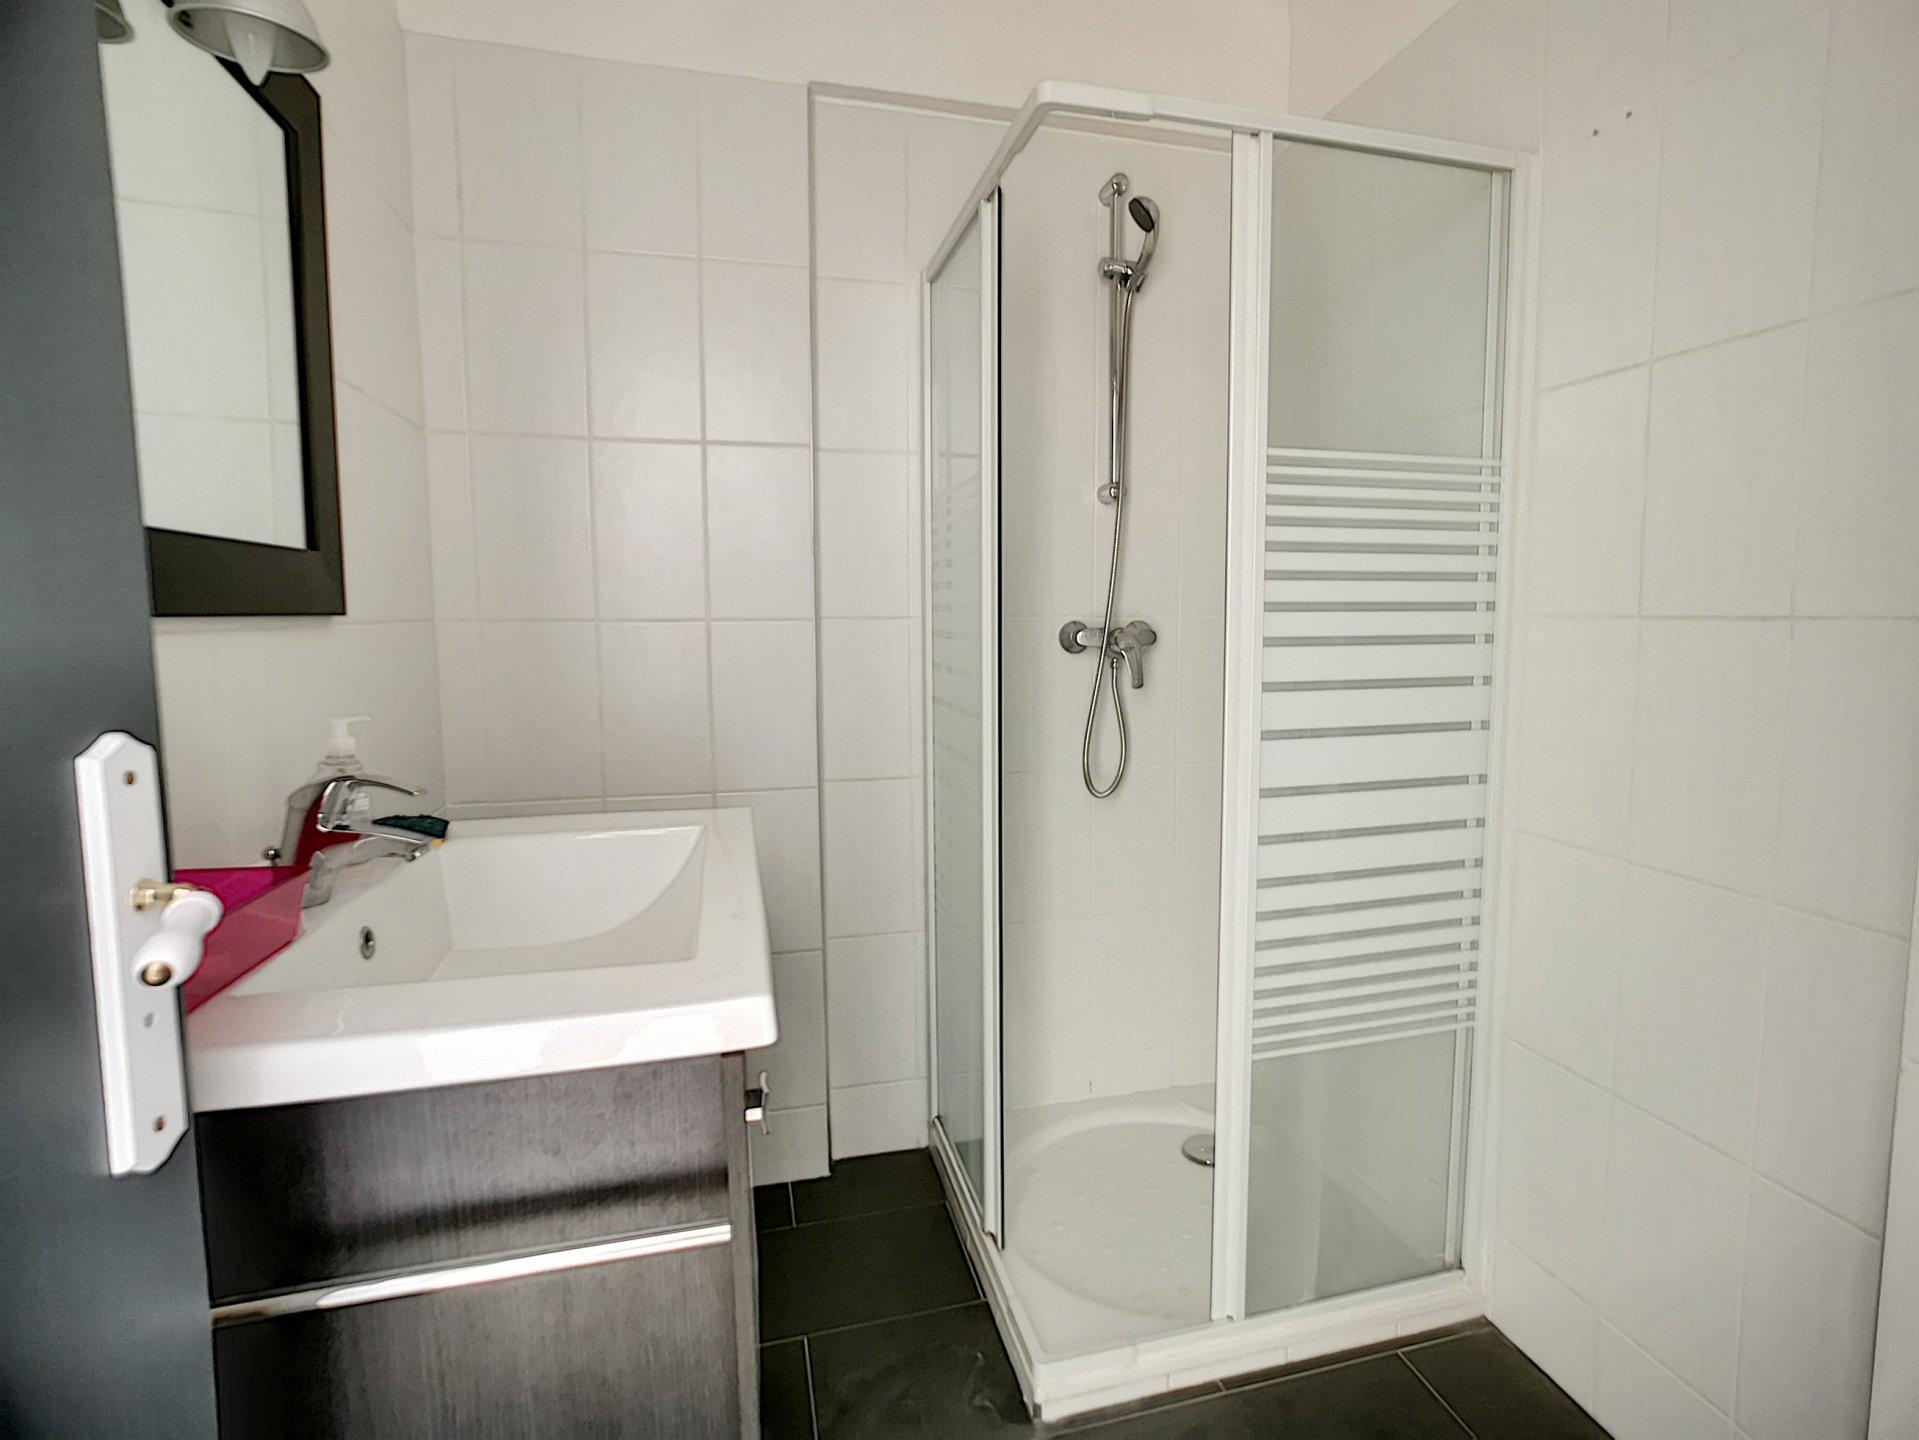 Cannes, Croix des Gardes, 1 bedroom appartment.